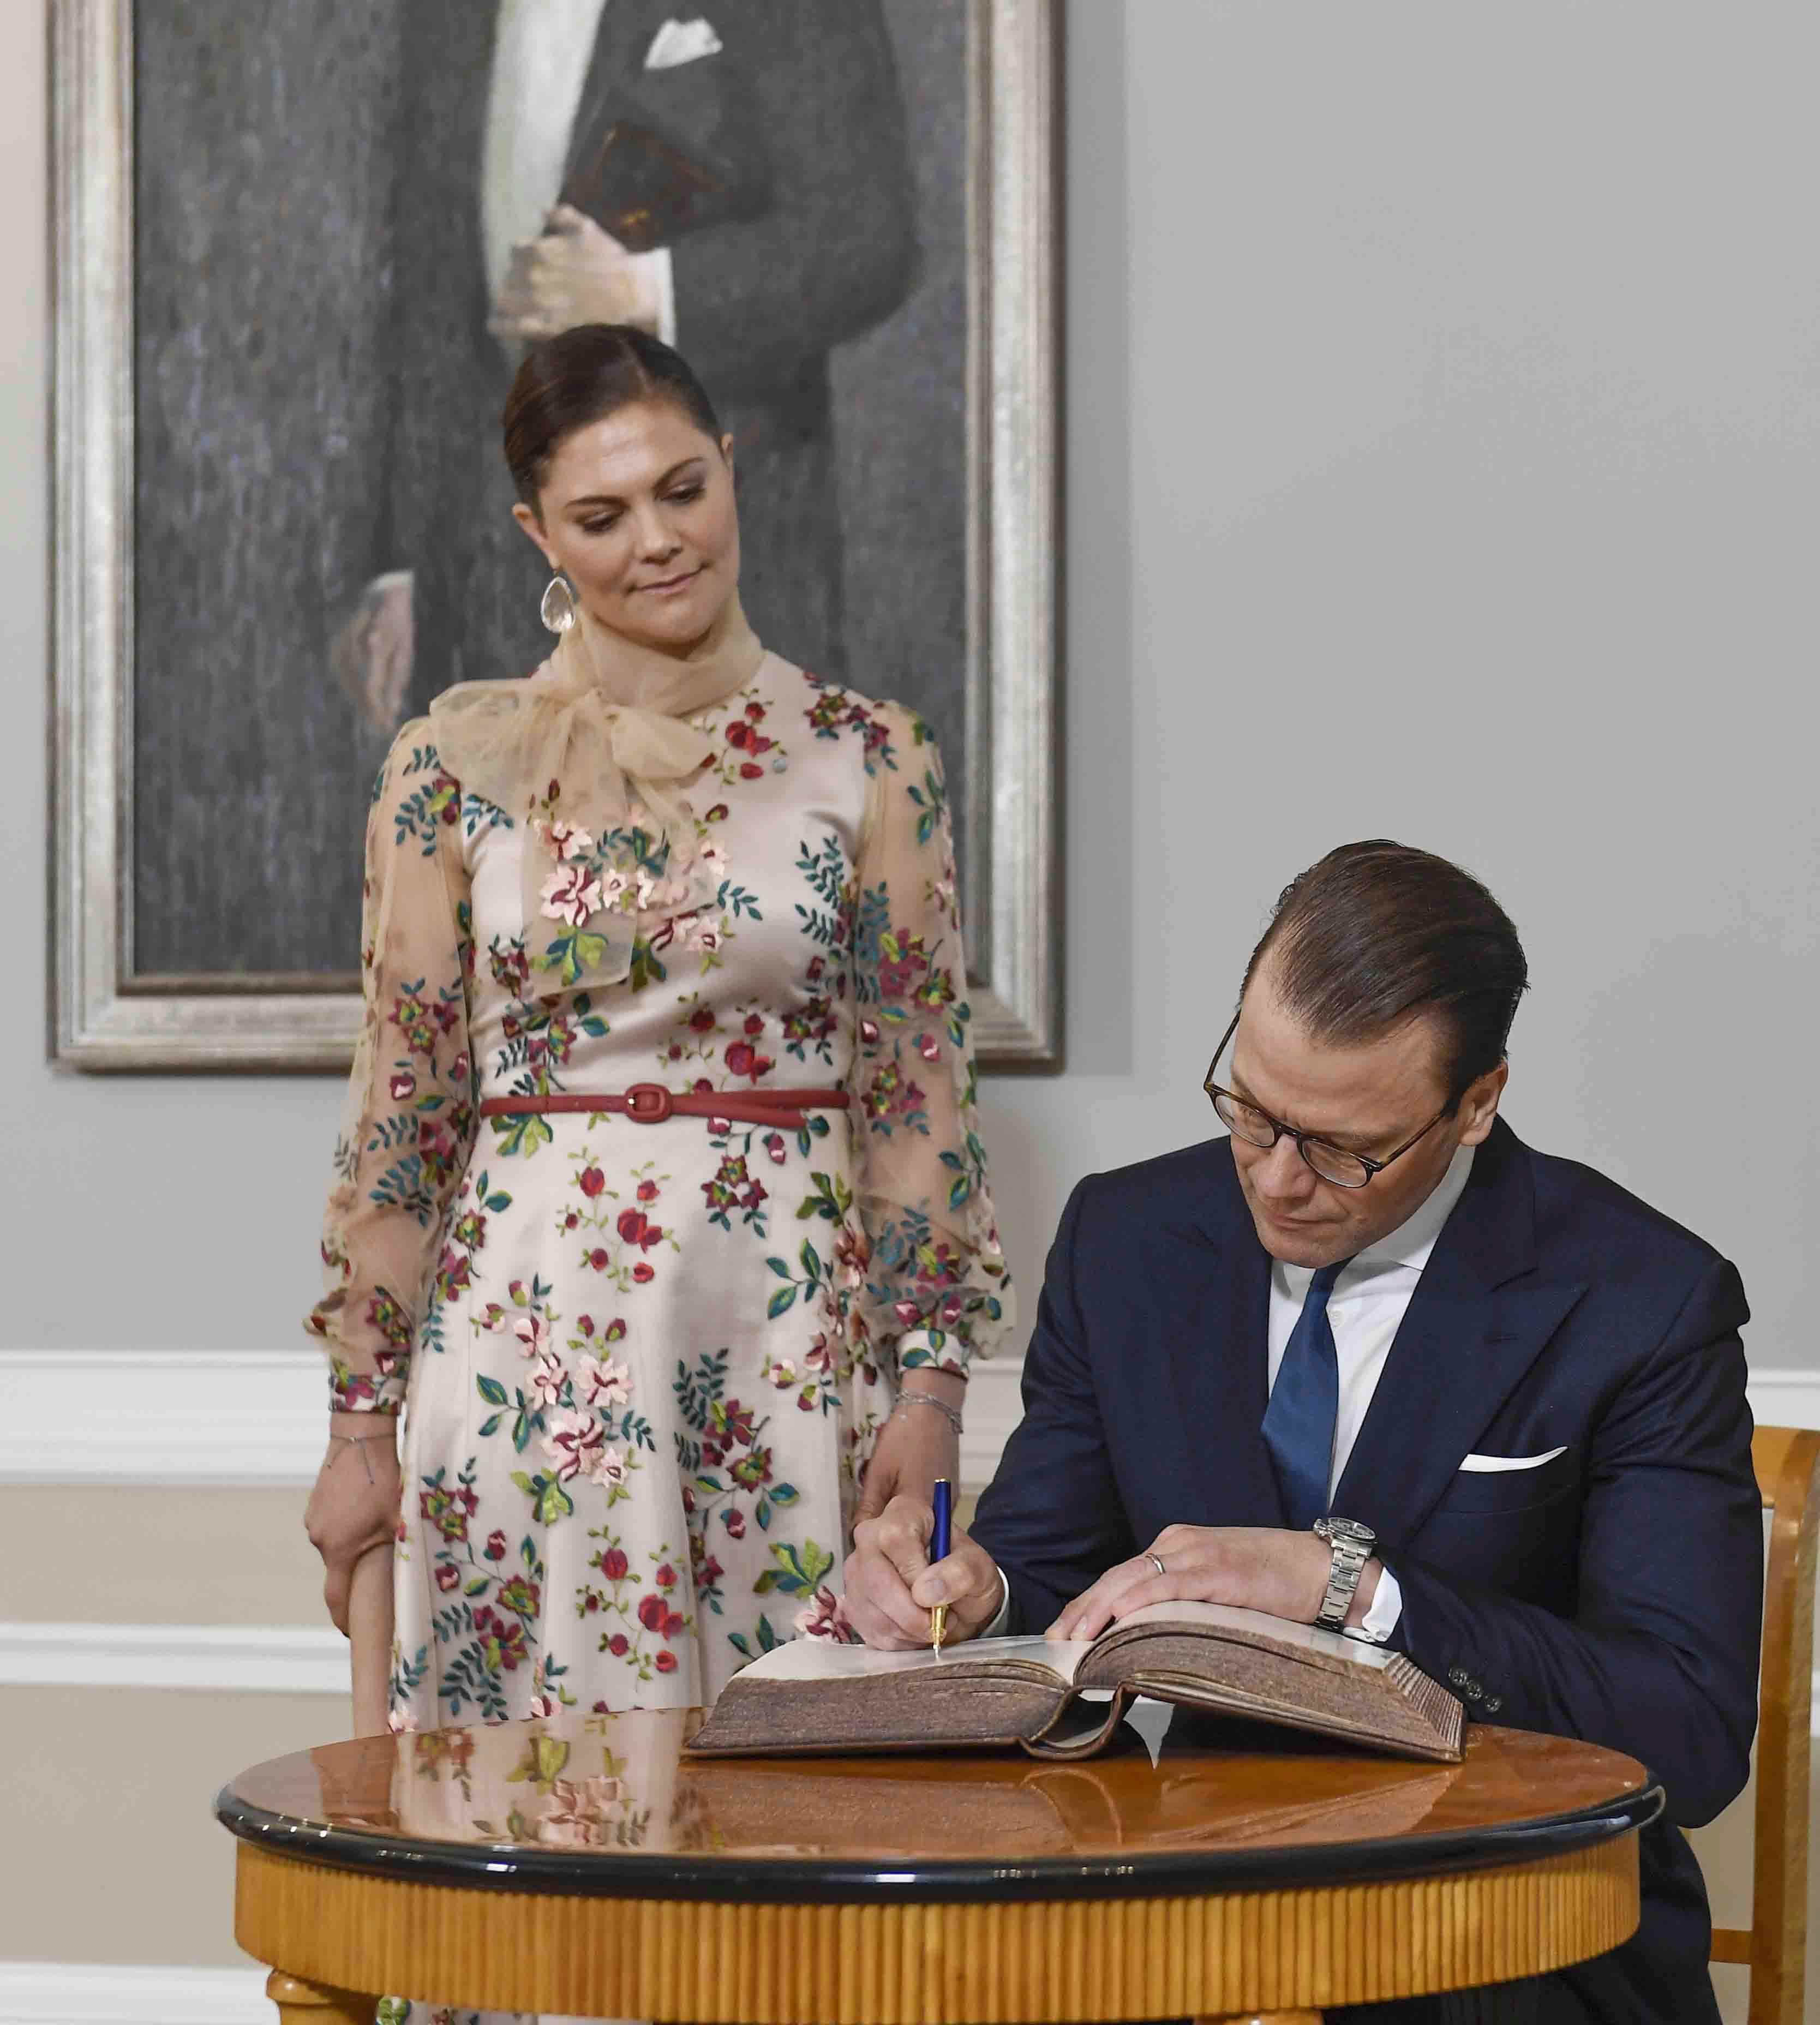 Victoria de Suecia con el vestido en el que se podría haber inspirado Matilde. (Gtres)